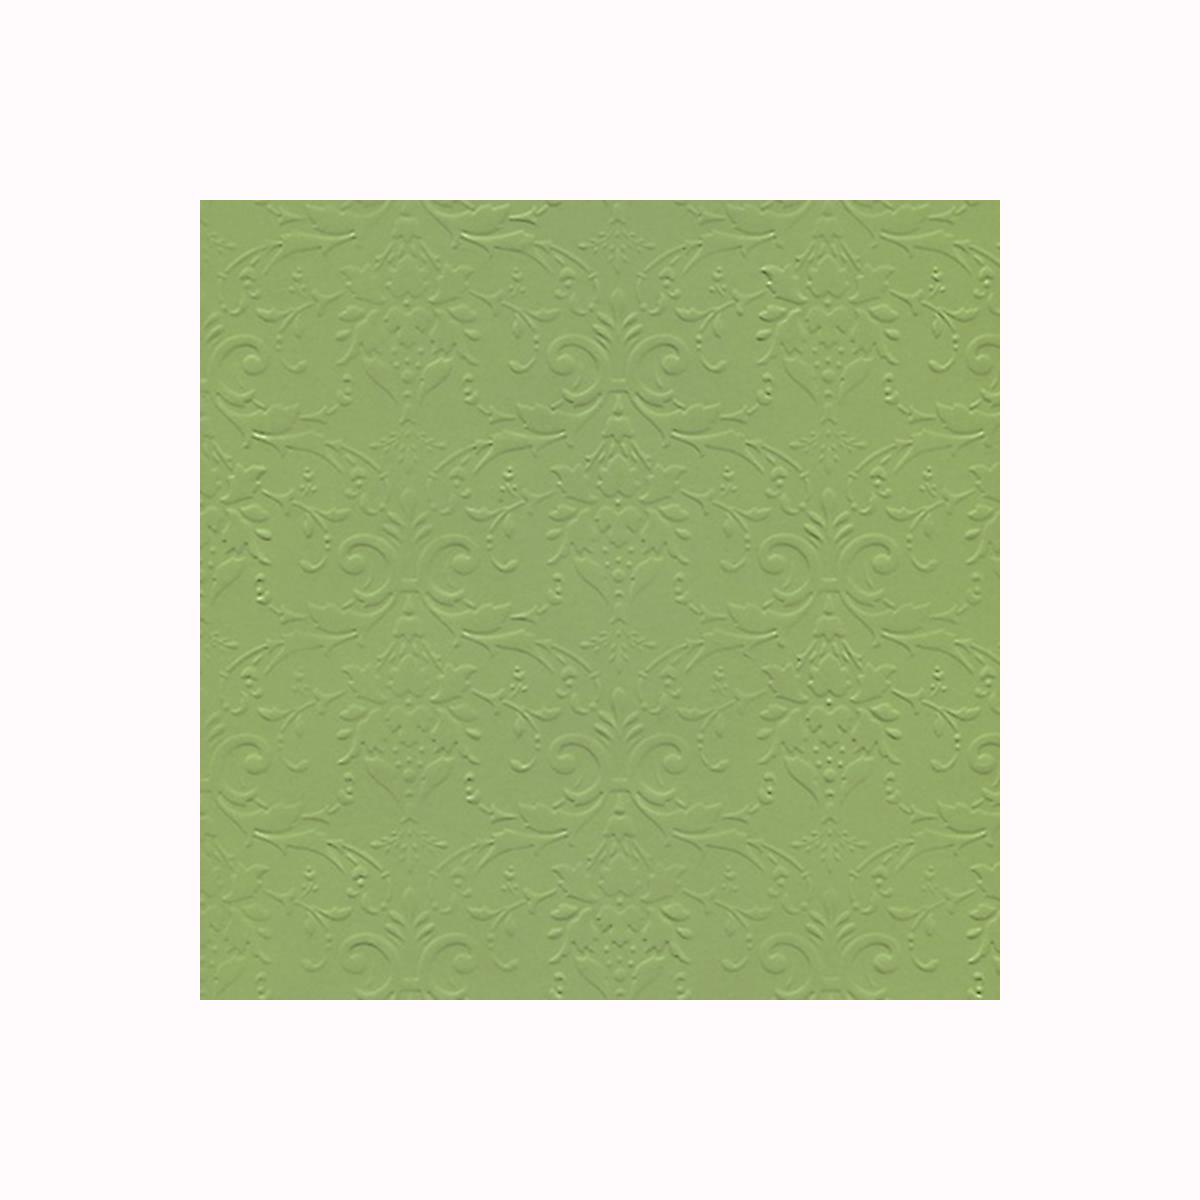 Бумага фактурная Лоза Дамасский узор, цвет: ярко-зеленый, 3 листа582975_БР003-13ярко-зеленыйФактурная бумага для скрапбукинга Лоза Дамасский узор позволит создать красивый альбом, фоторамку или открытку ручной работы, оформить подарок или аппликацию. Набор включает в себя 3 листа из плотной бумаги.Скрапбукинг - это хобби, которое способно приносить массу приятных эмоций не только человеку, который этим занимается, но и его близким, друзьям, родным. Это невероятно увлекательное занятие, которое поможет вам сохранить наиболее памятные и яркие моменты вашей жизни, а также интересно оформить интерьер дома. Плотность бумаги: 200 г/м2.